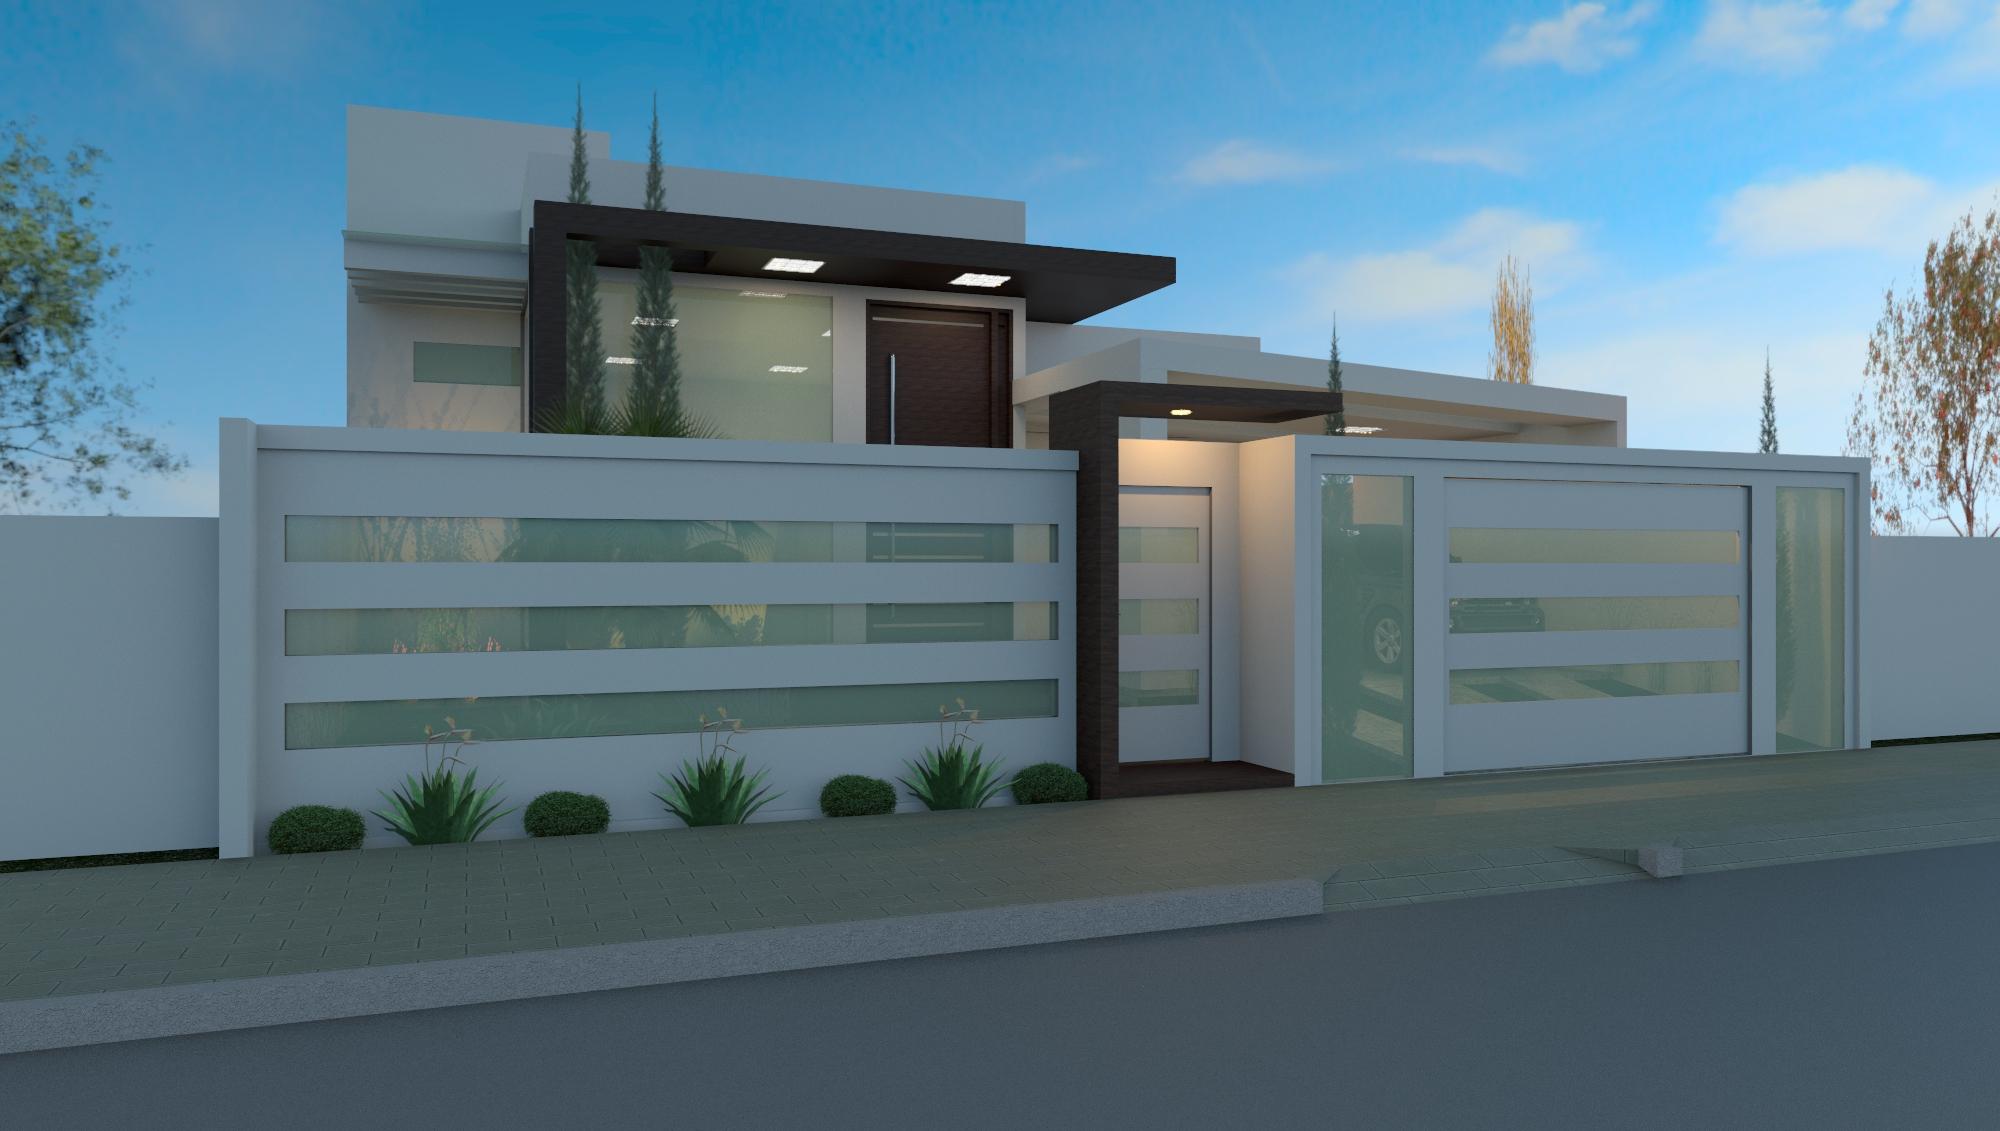 Modelos de muros 2019 30 modelos incr veis para voc for Modelos de fachadas para frentes de casas